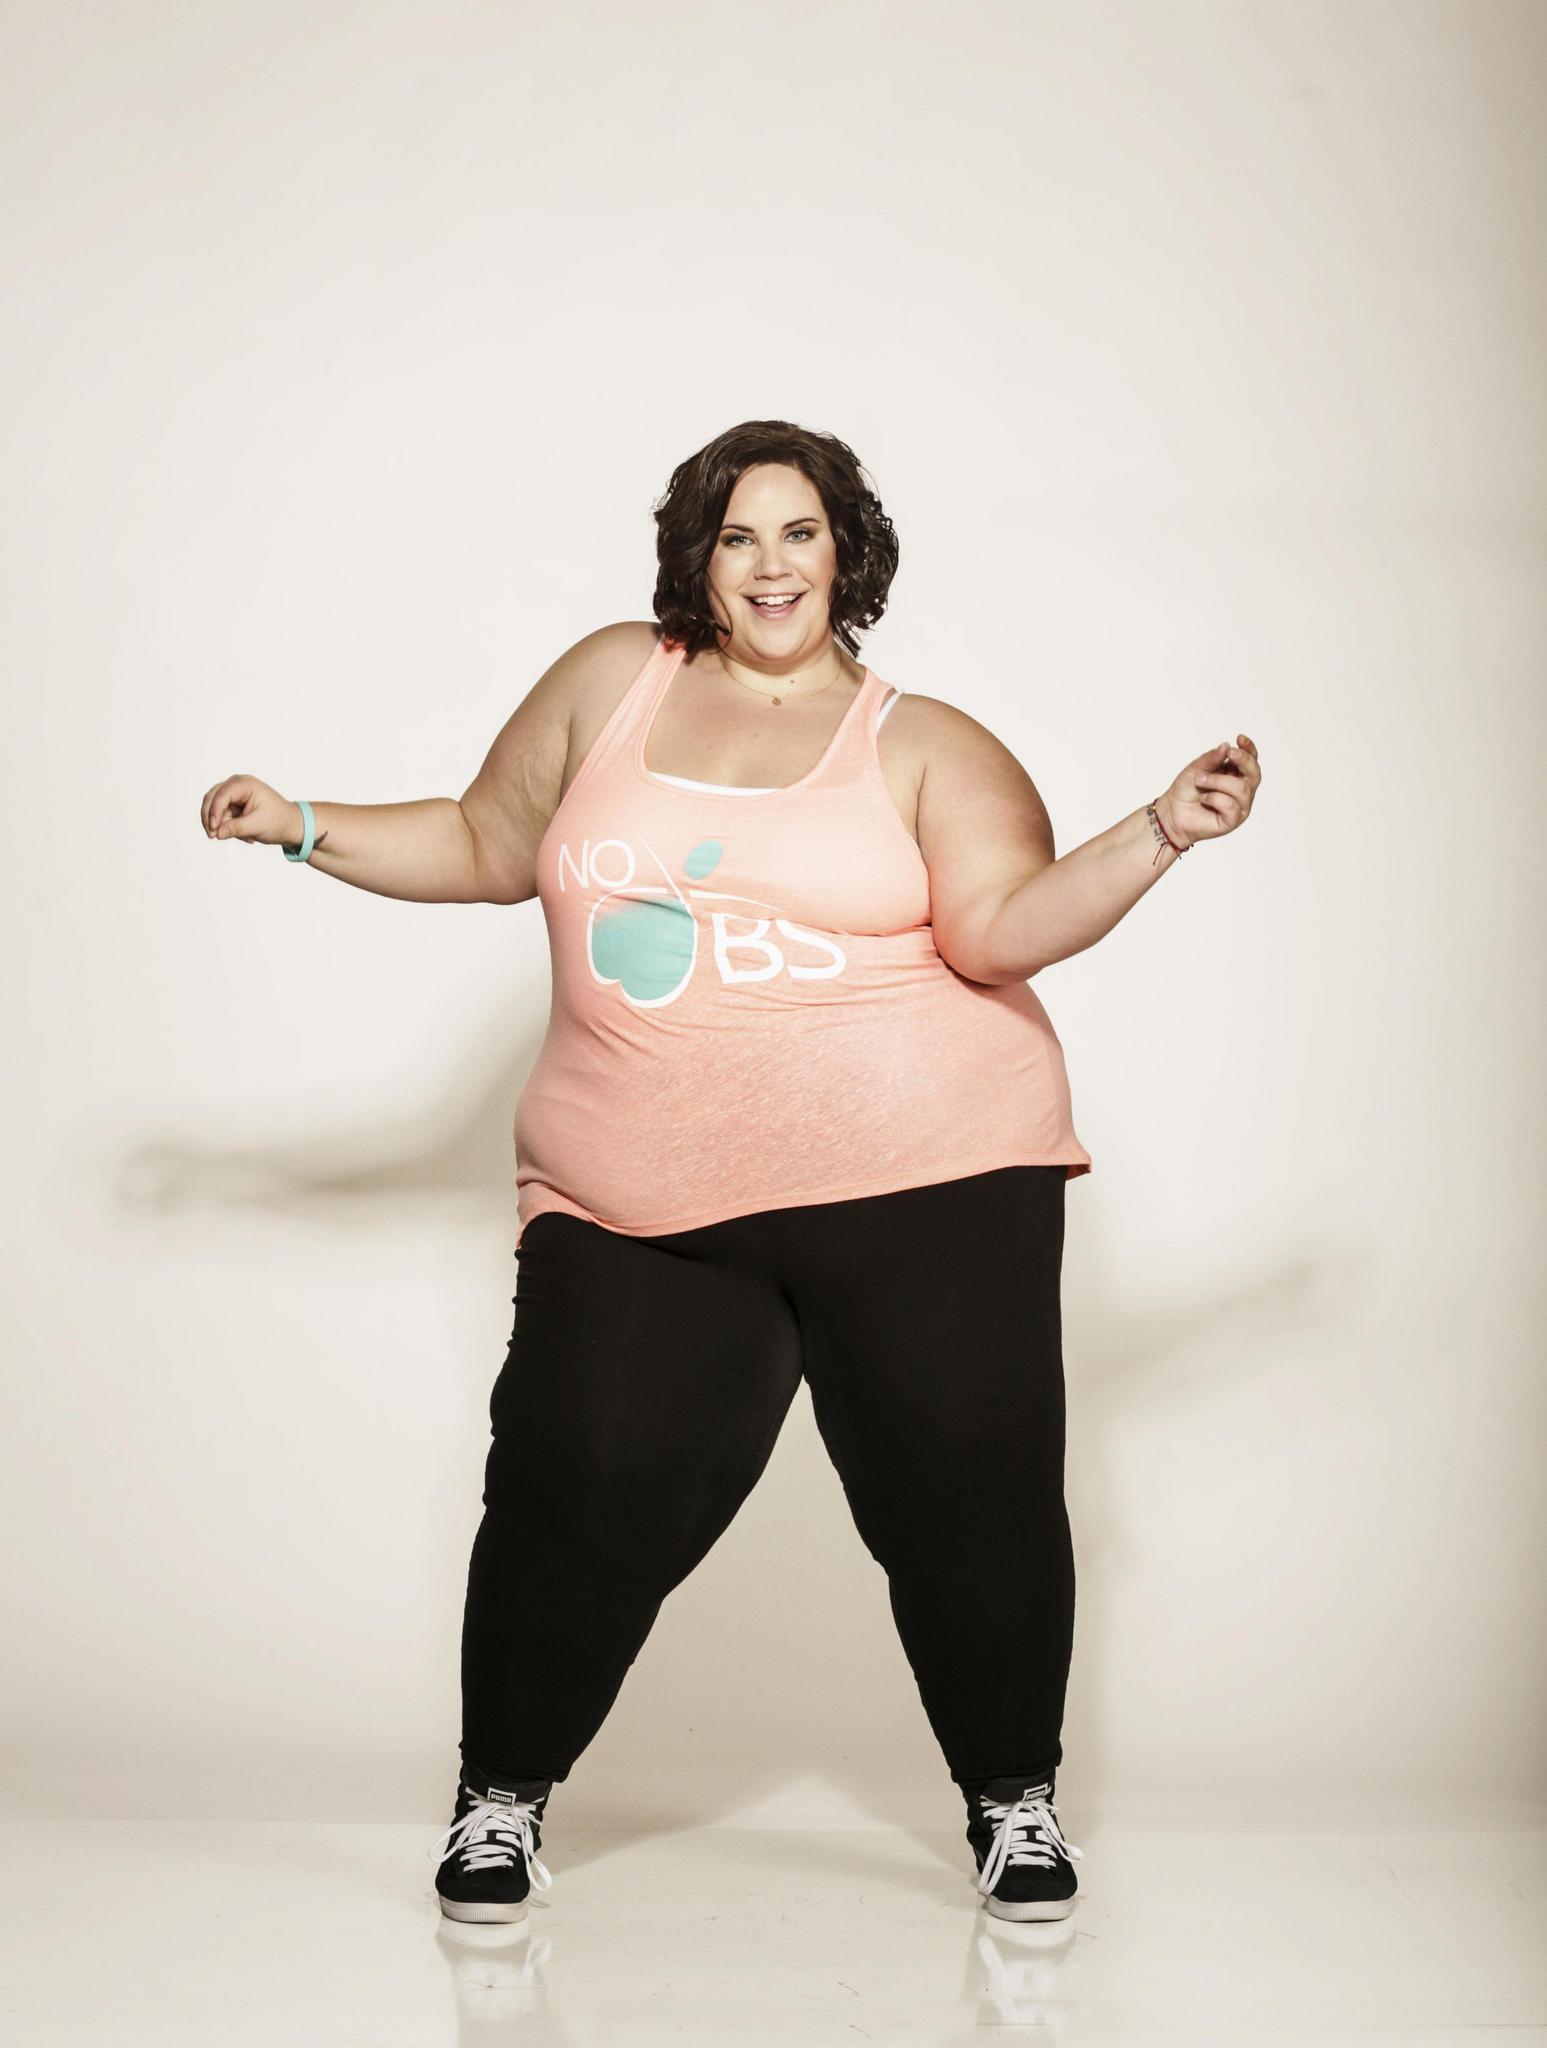 Whitney Thore Weight Loss 2016 : whitney, thore, weight, Whitney, Thore, Fabulous, Life', Talks, Shaming,, Self-esteem,, Donald, Trump, Al.com